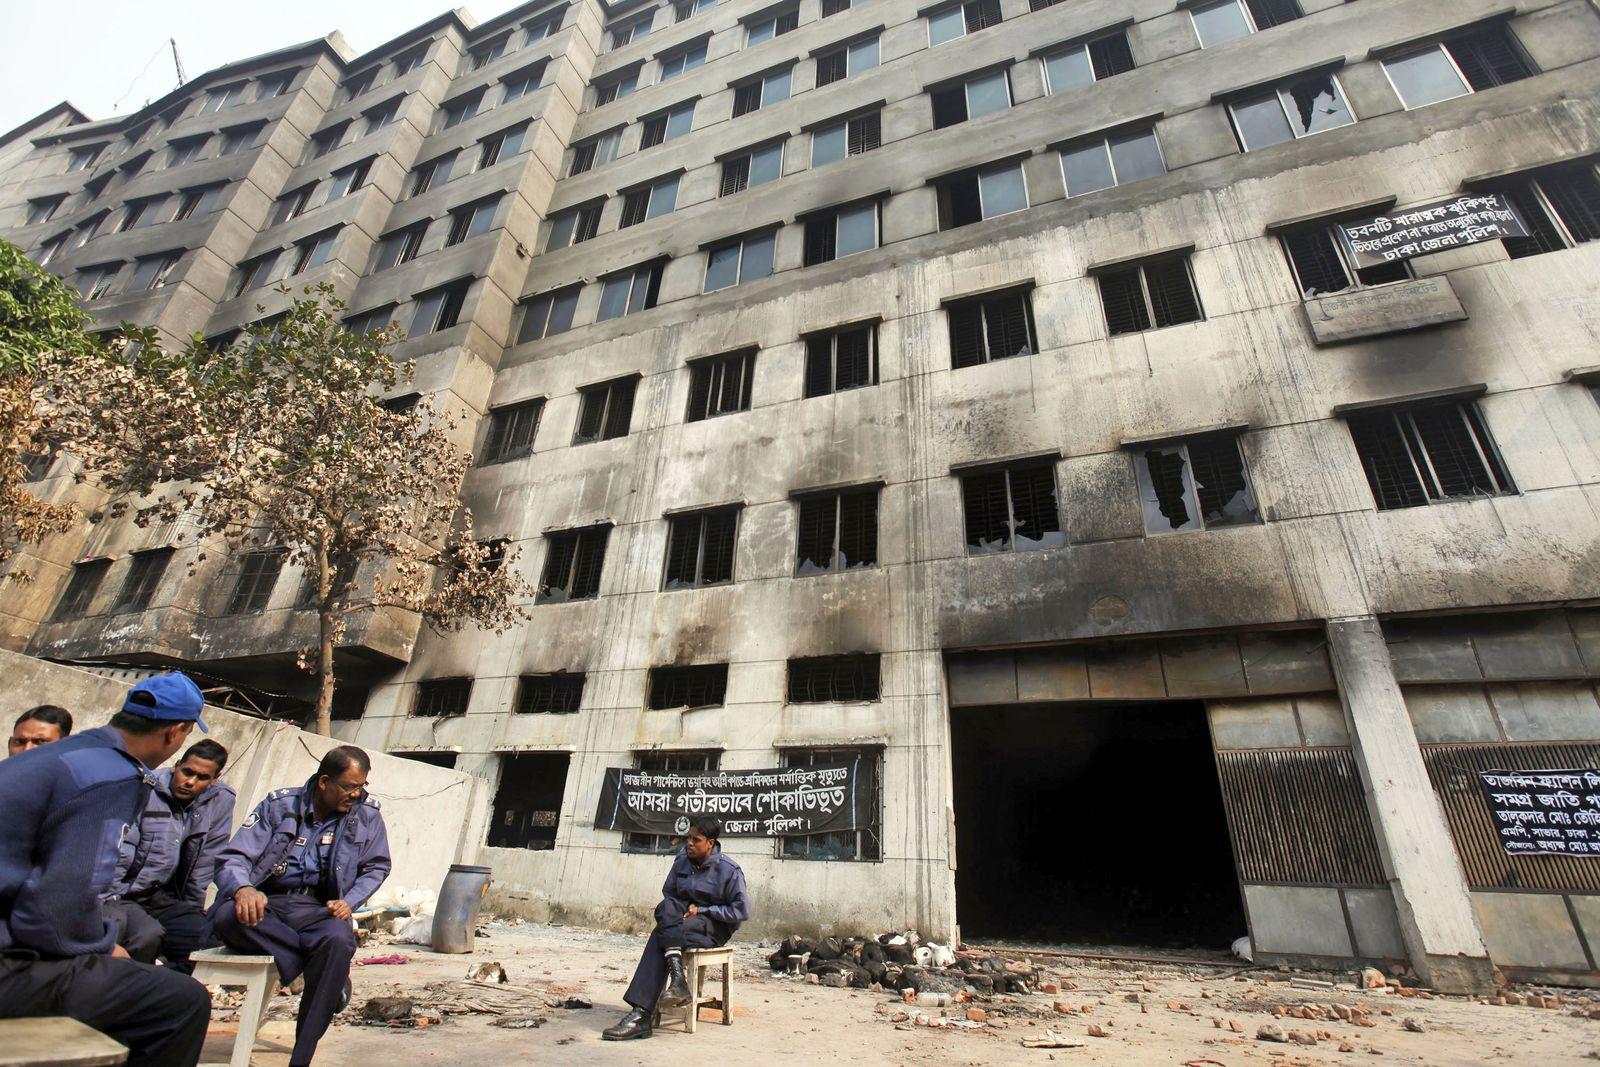 Bangladesch / Dhaka / Feuer Textilfabrik